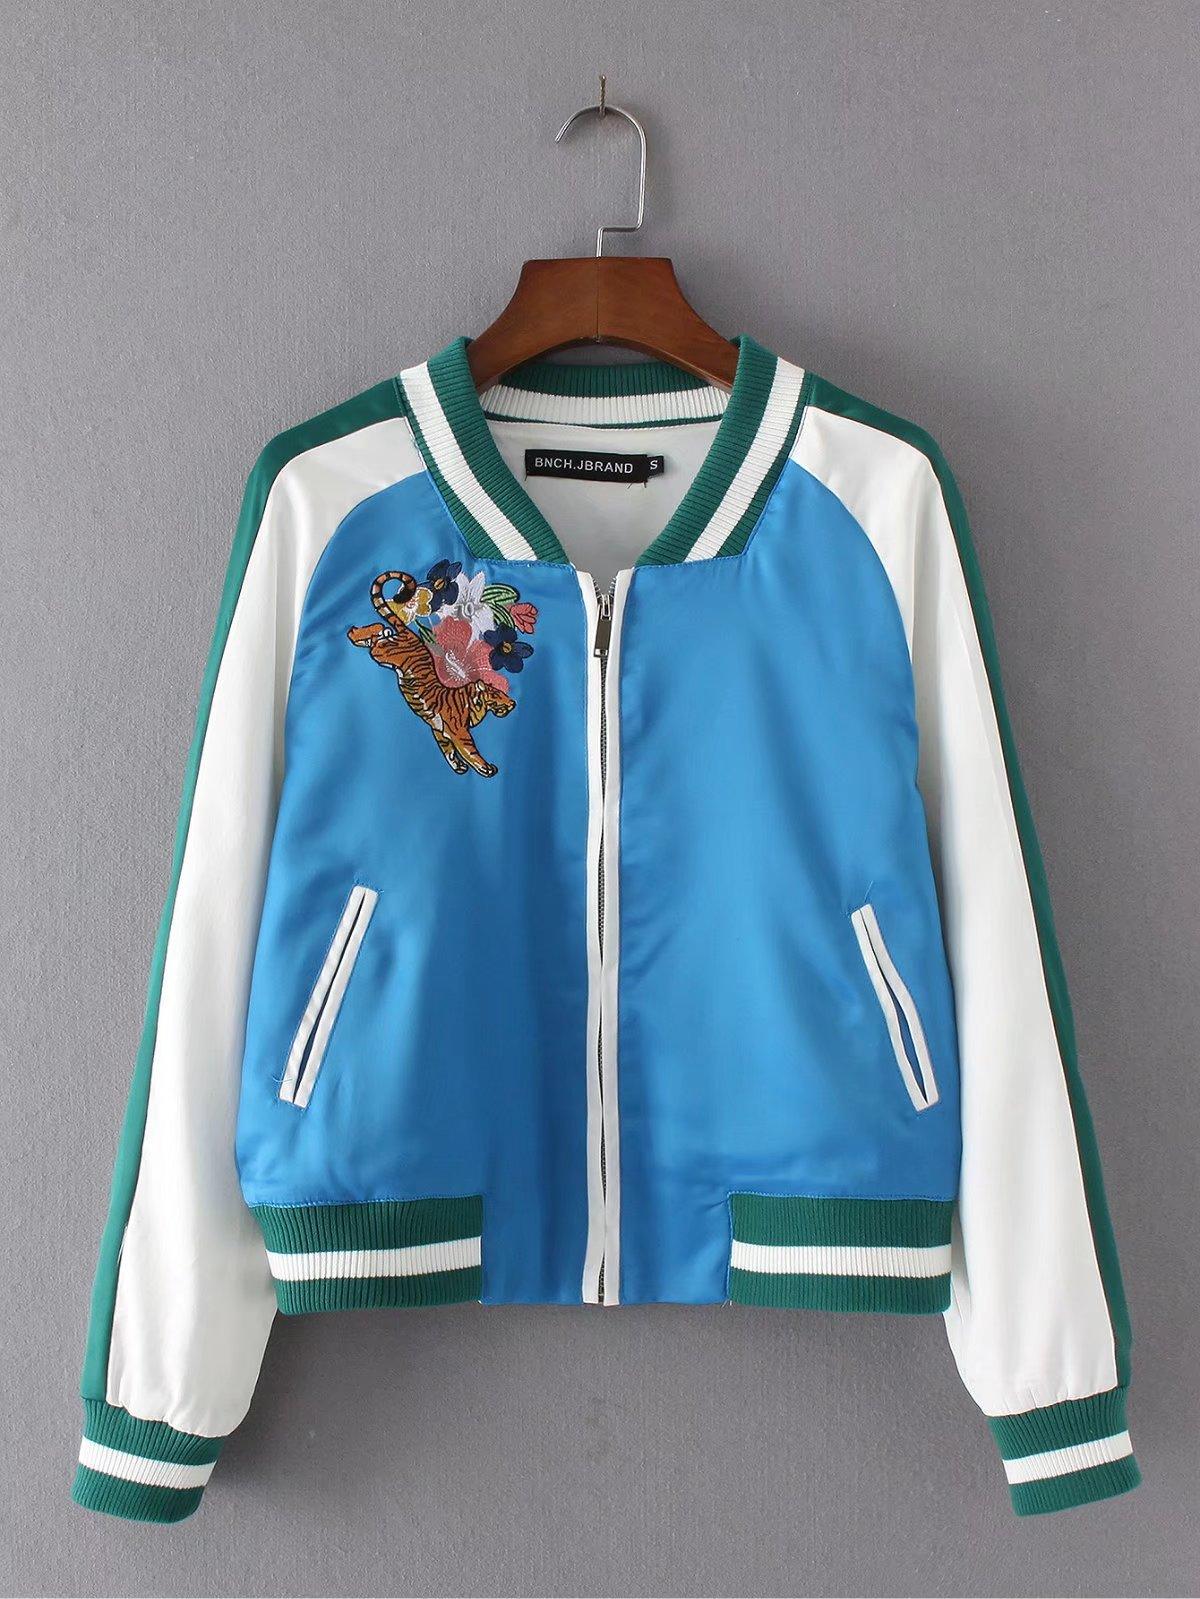 2017 весной и летом, спортивная(ый) новый цвет сатин контраст цвета вышивка длинный рукав куртки синий и белый бейсбол равномерное куртка